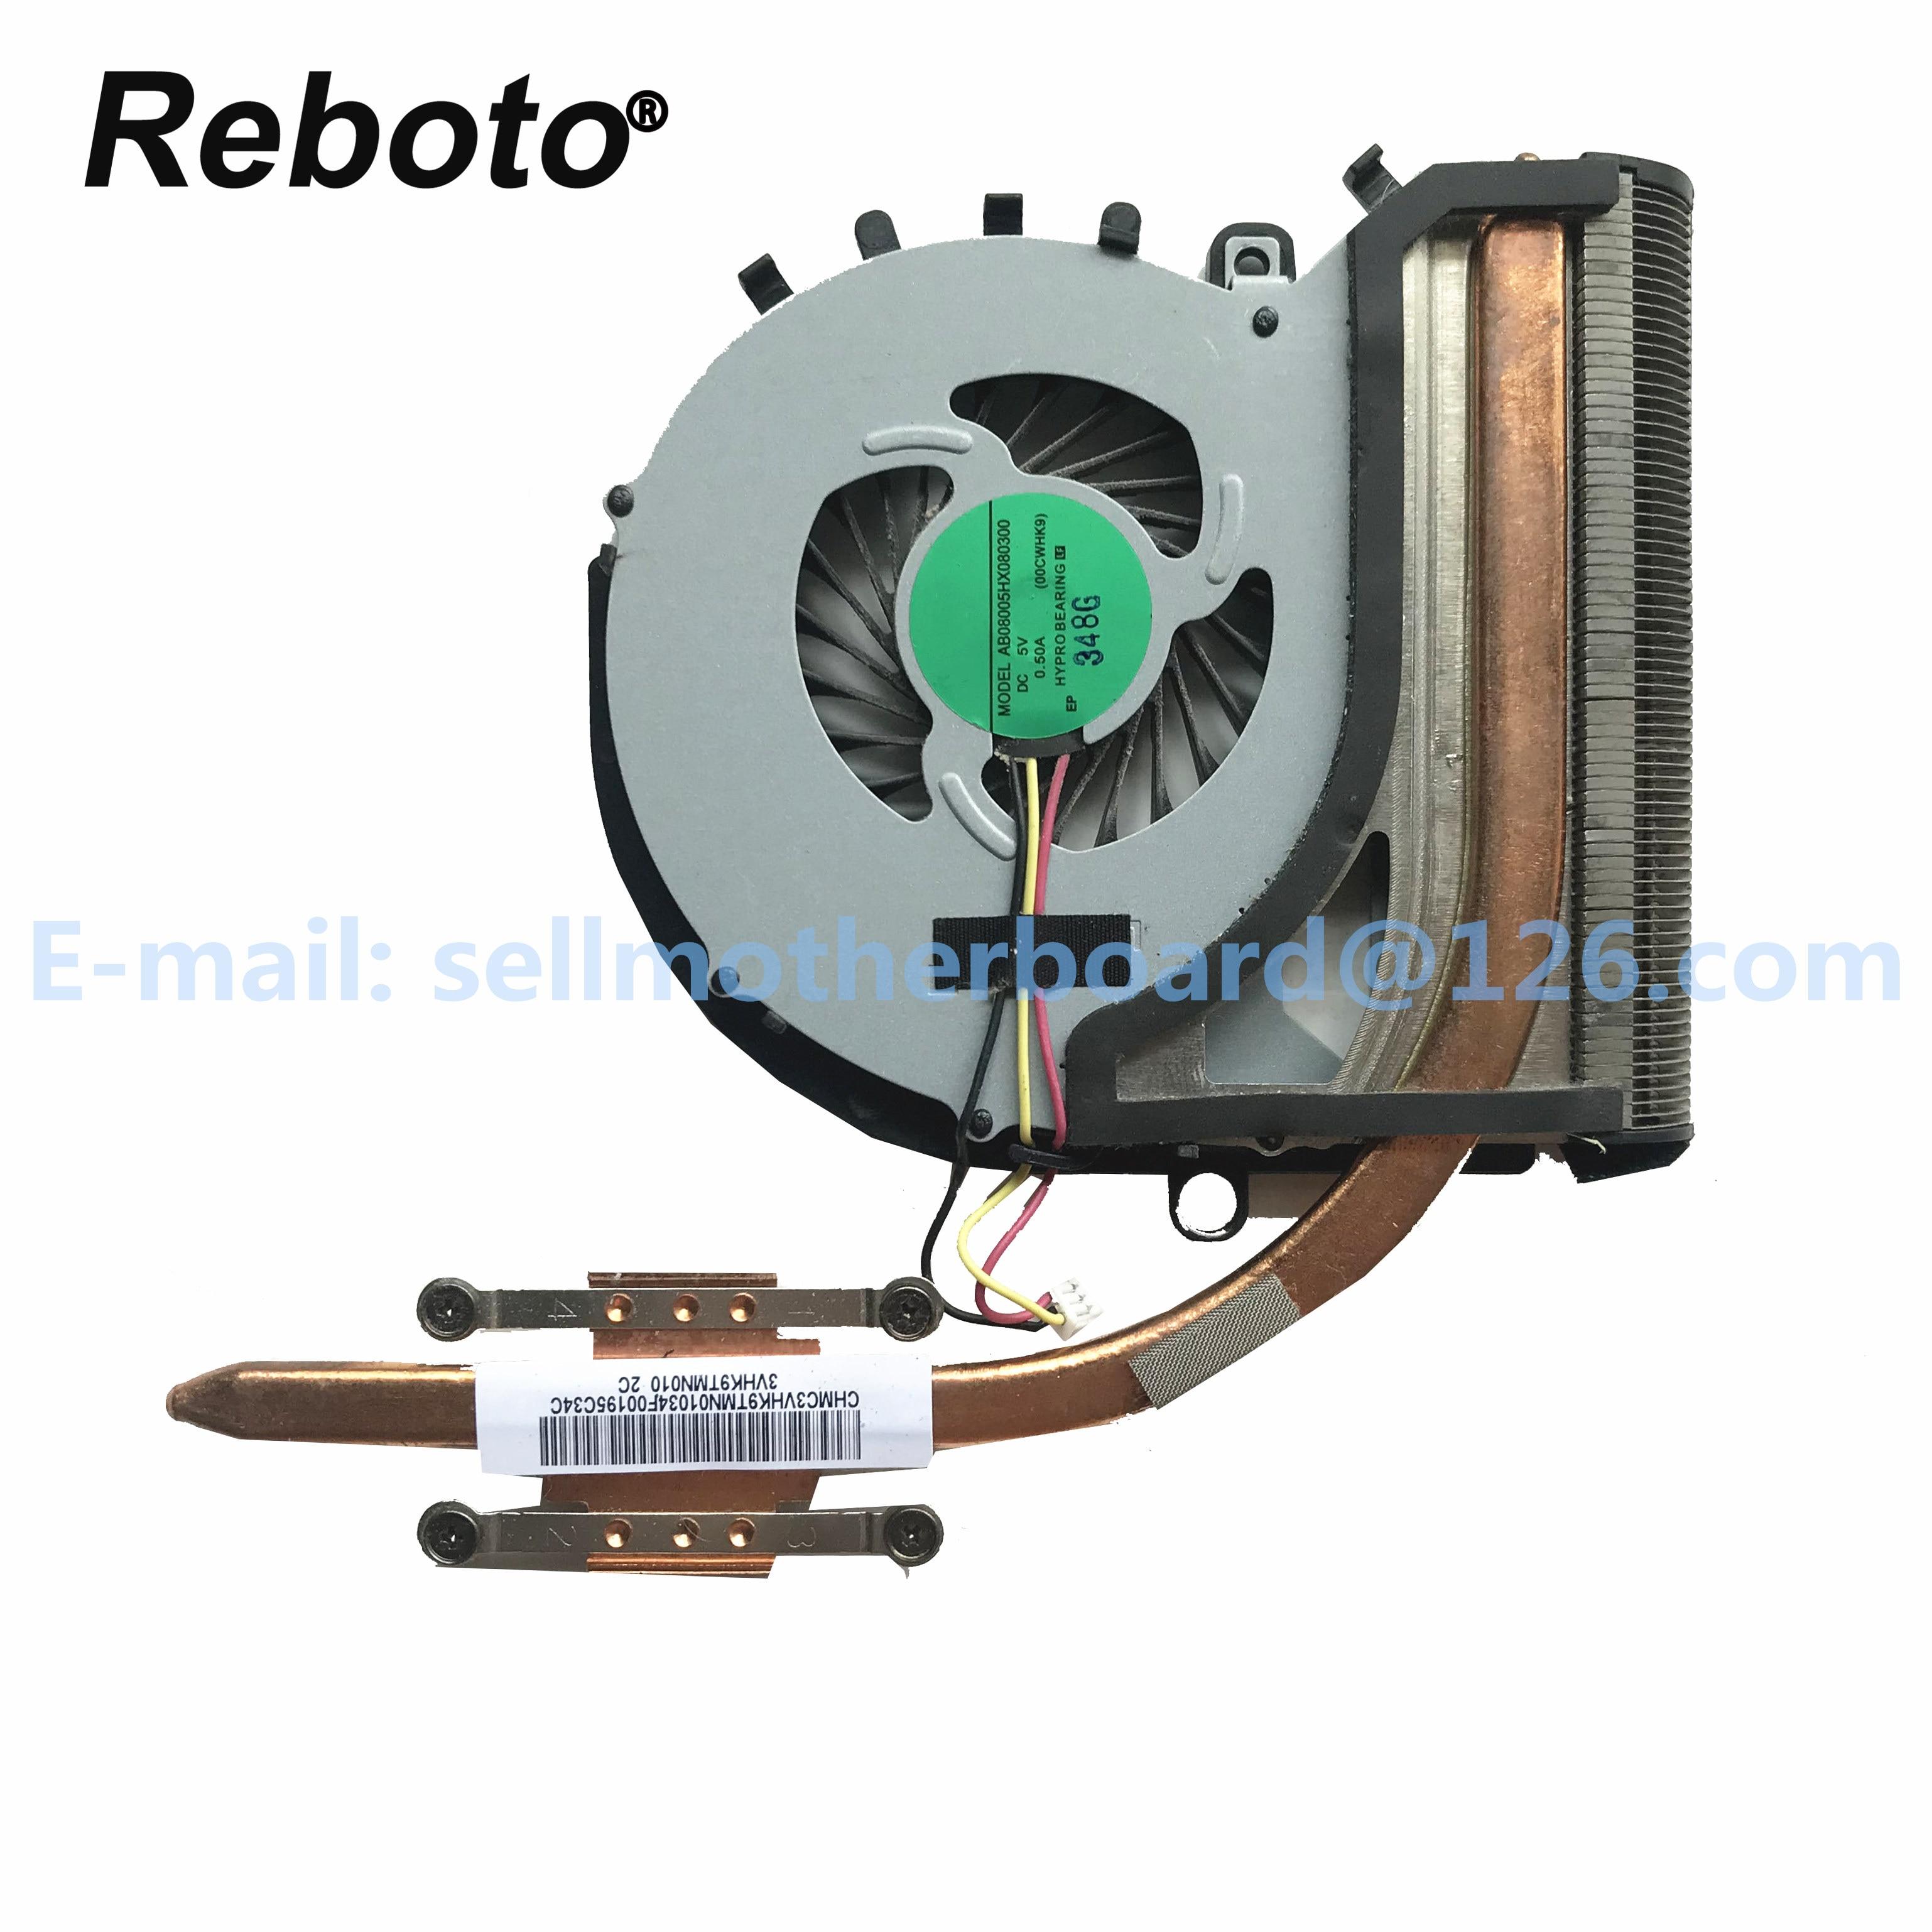 Reboto Für SONY VAIO SVF152 Serie Laptop Kühler Kühler Kühlkörper Mit LÜFTER P/N 3VHK9TMN01 0 100% Getestet Schnelle schiff